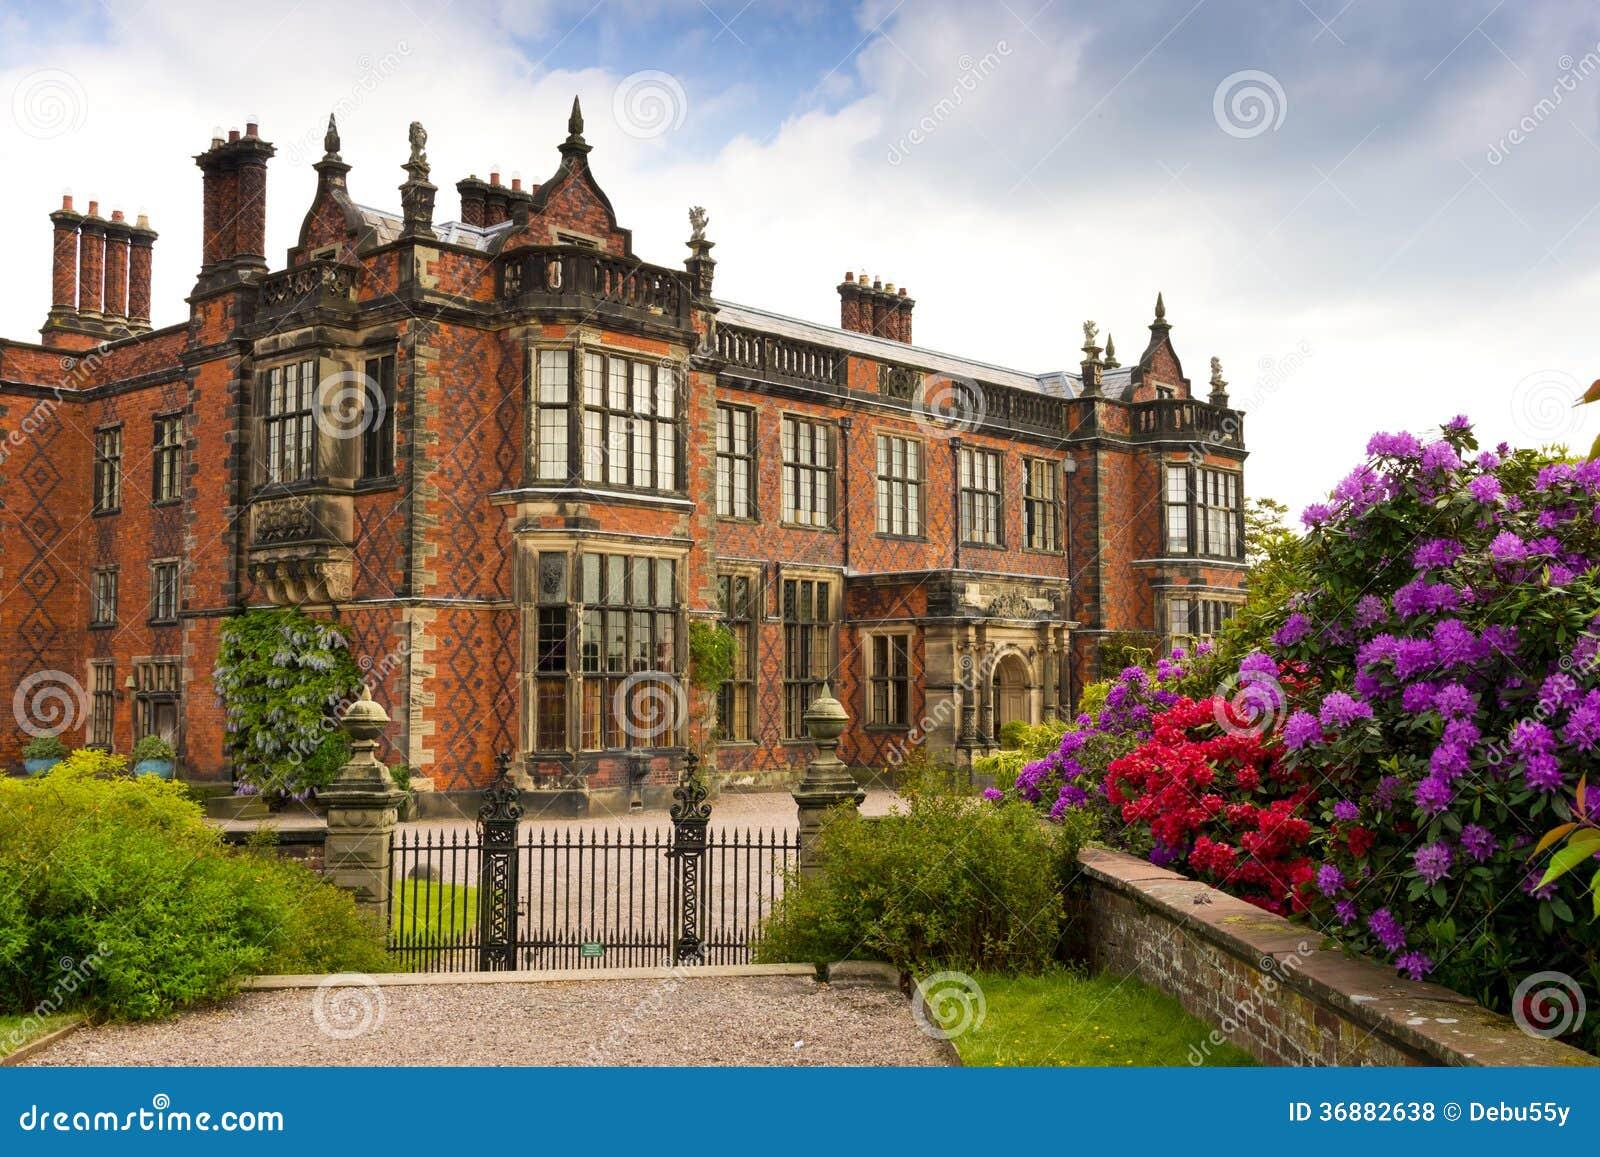 Download Casa signorile inglese. fotografia stock. Immagine di cheshire - 36882638